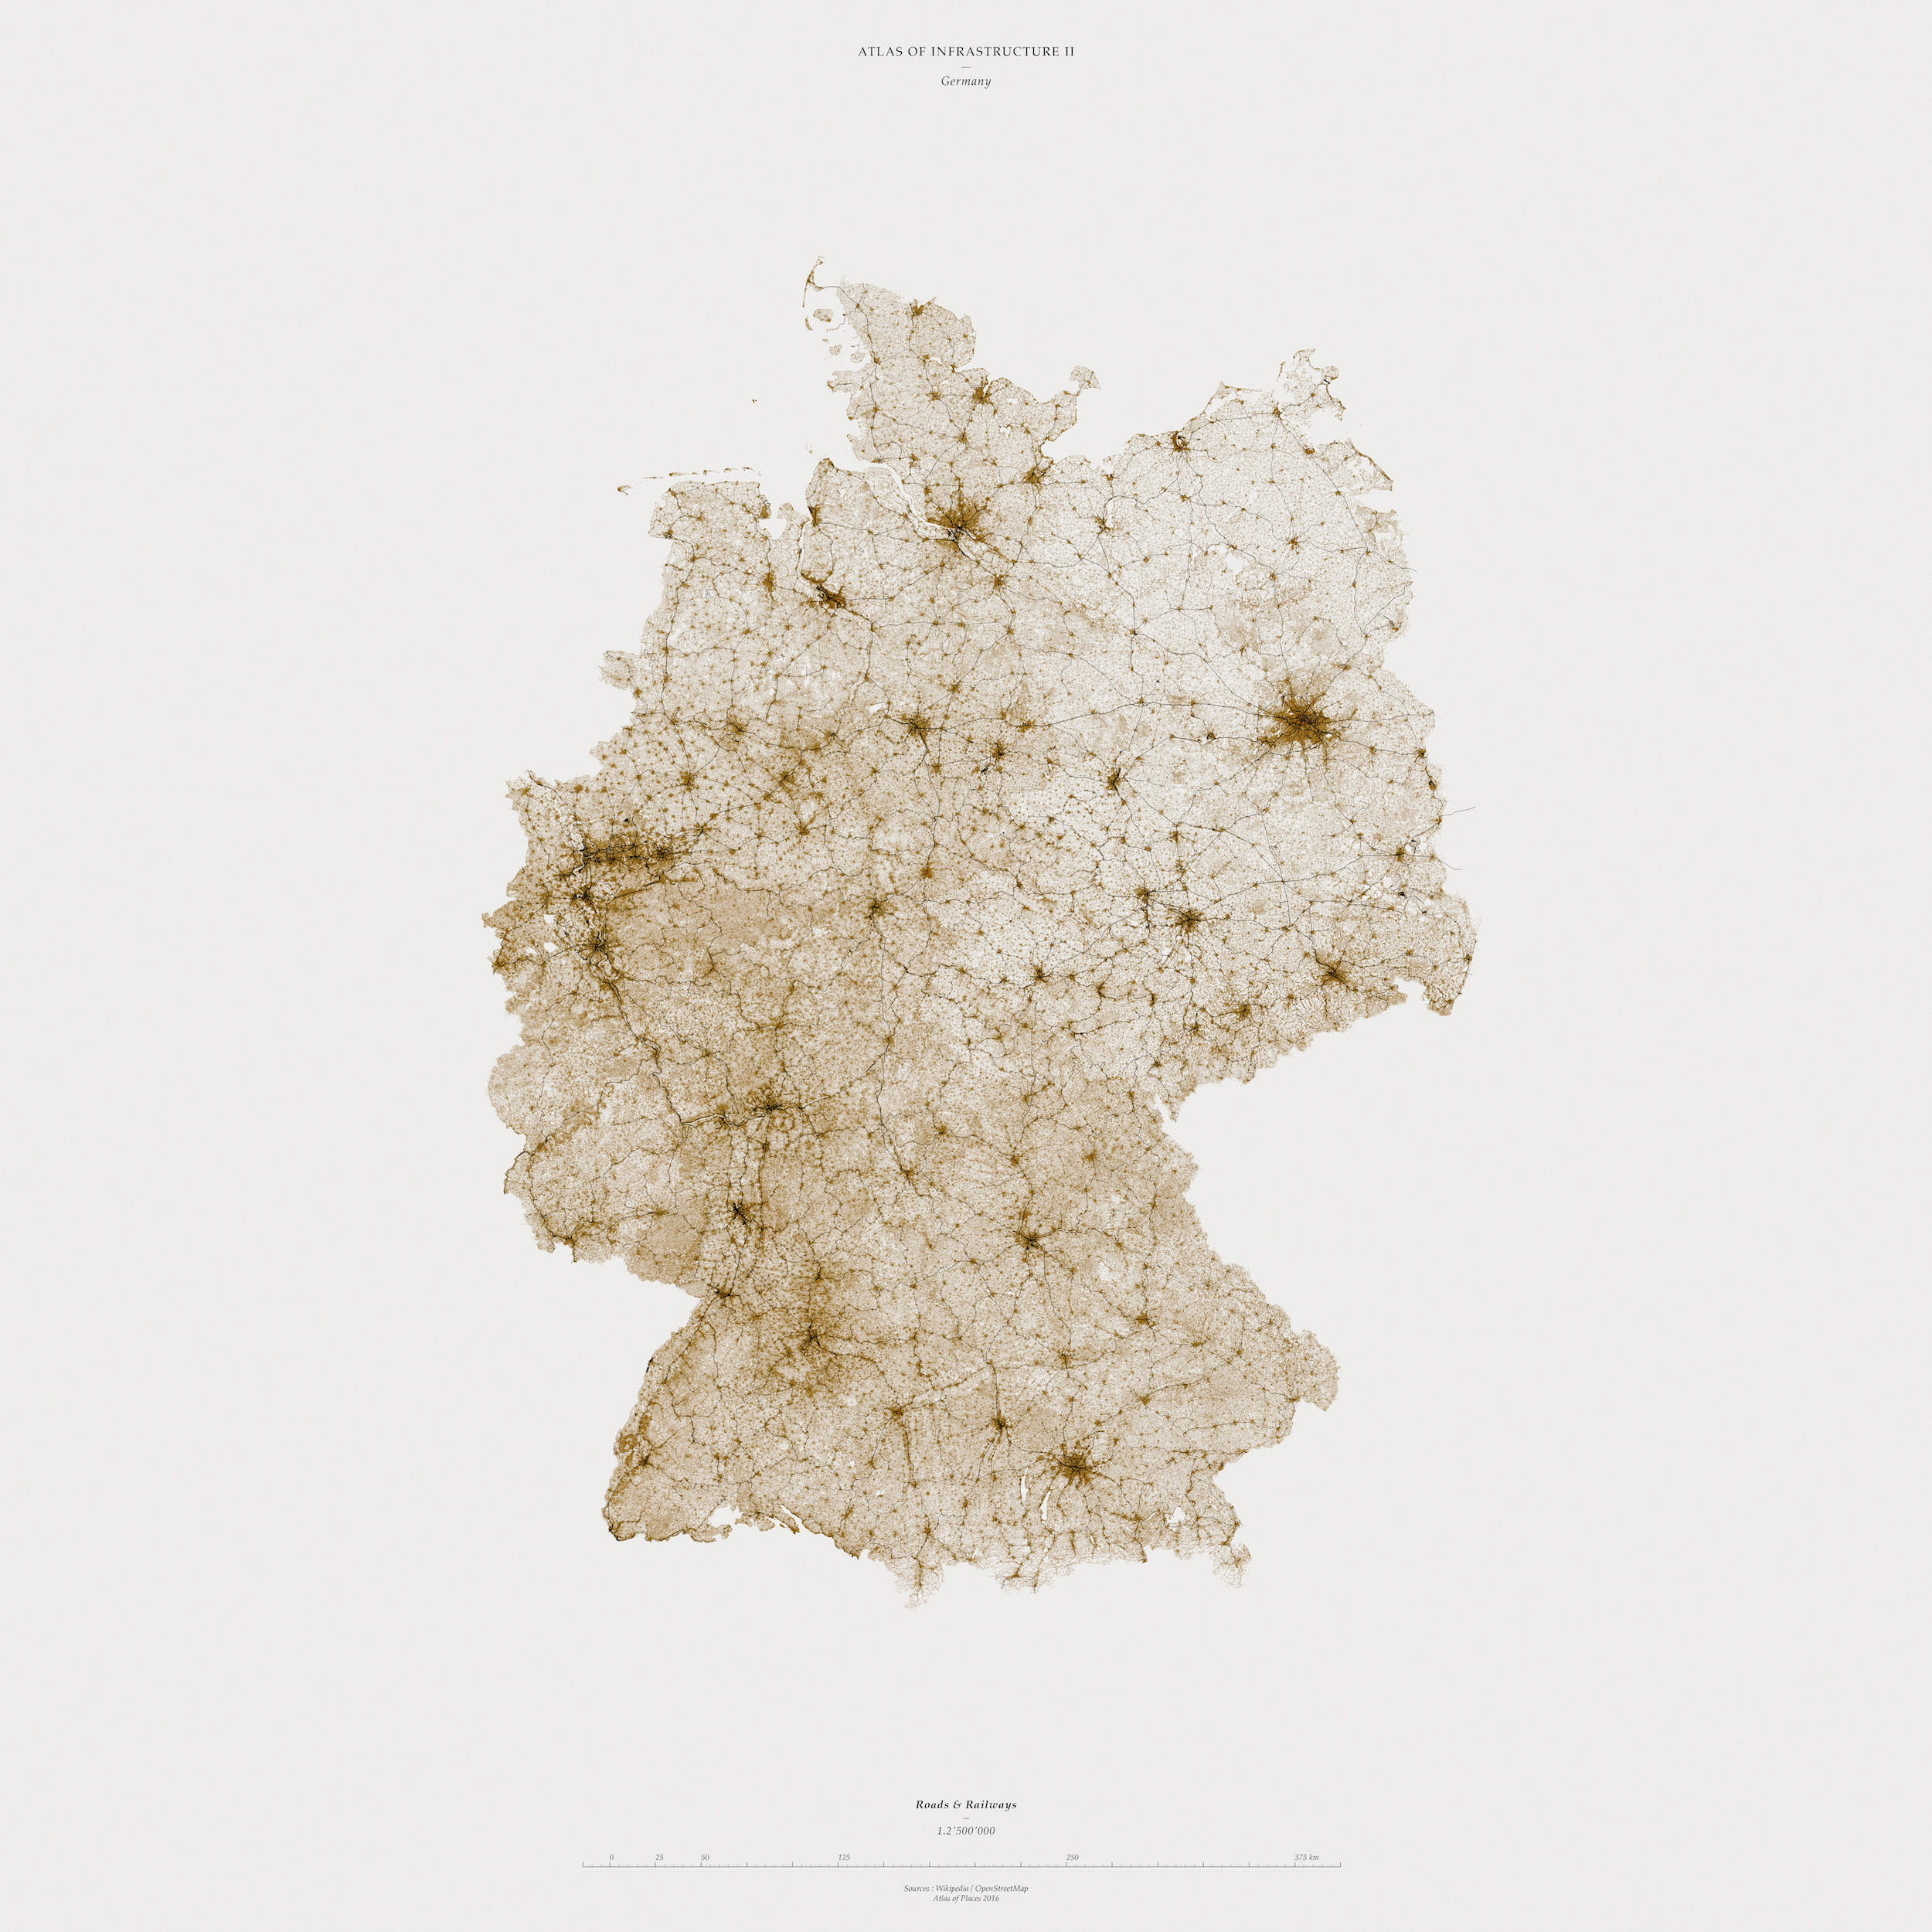 Atlas of Infrastructure II